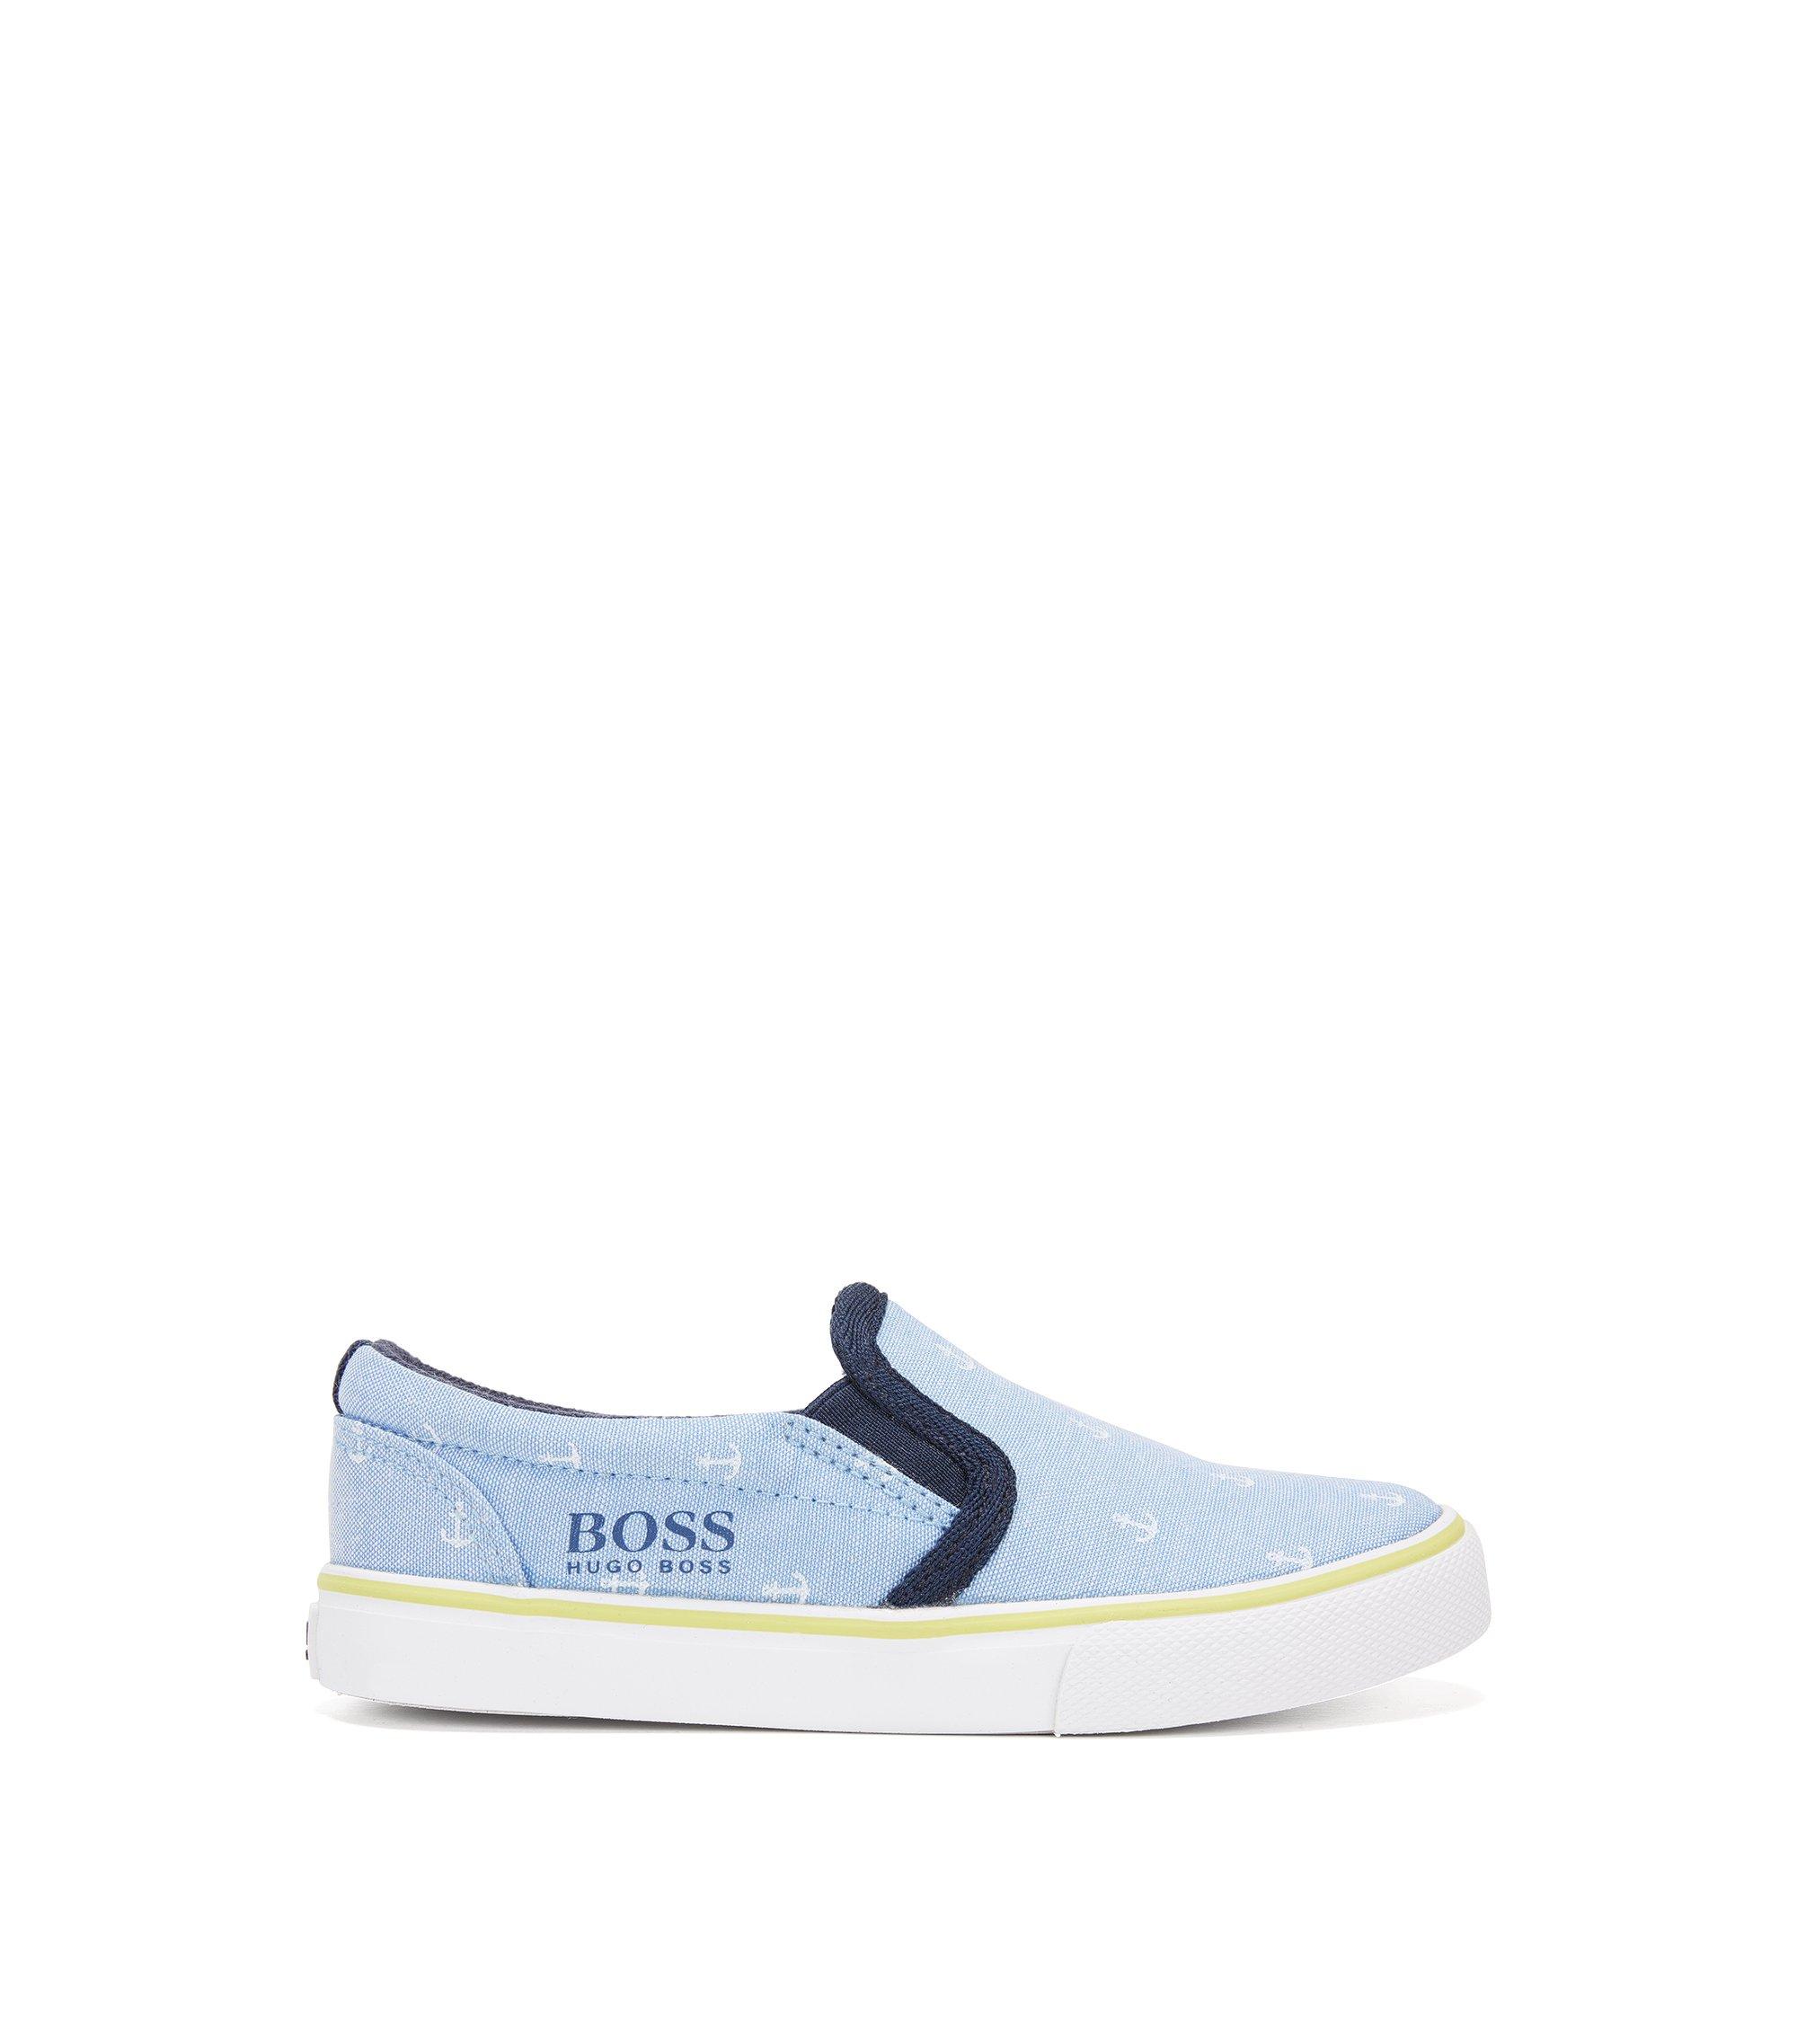 Chaussures à enfiler en coton imprimé pour enfant, Fantaisie